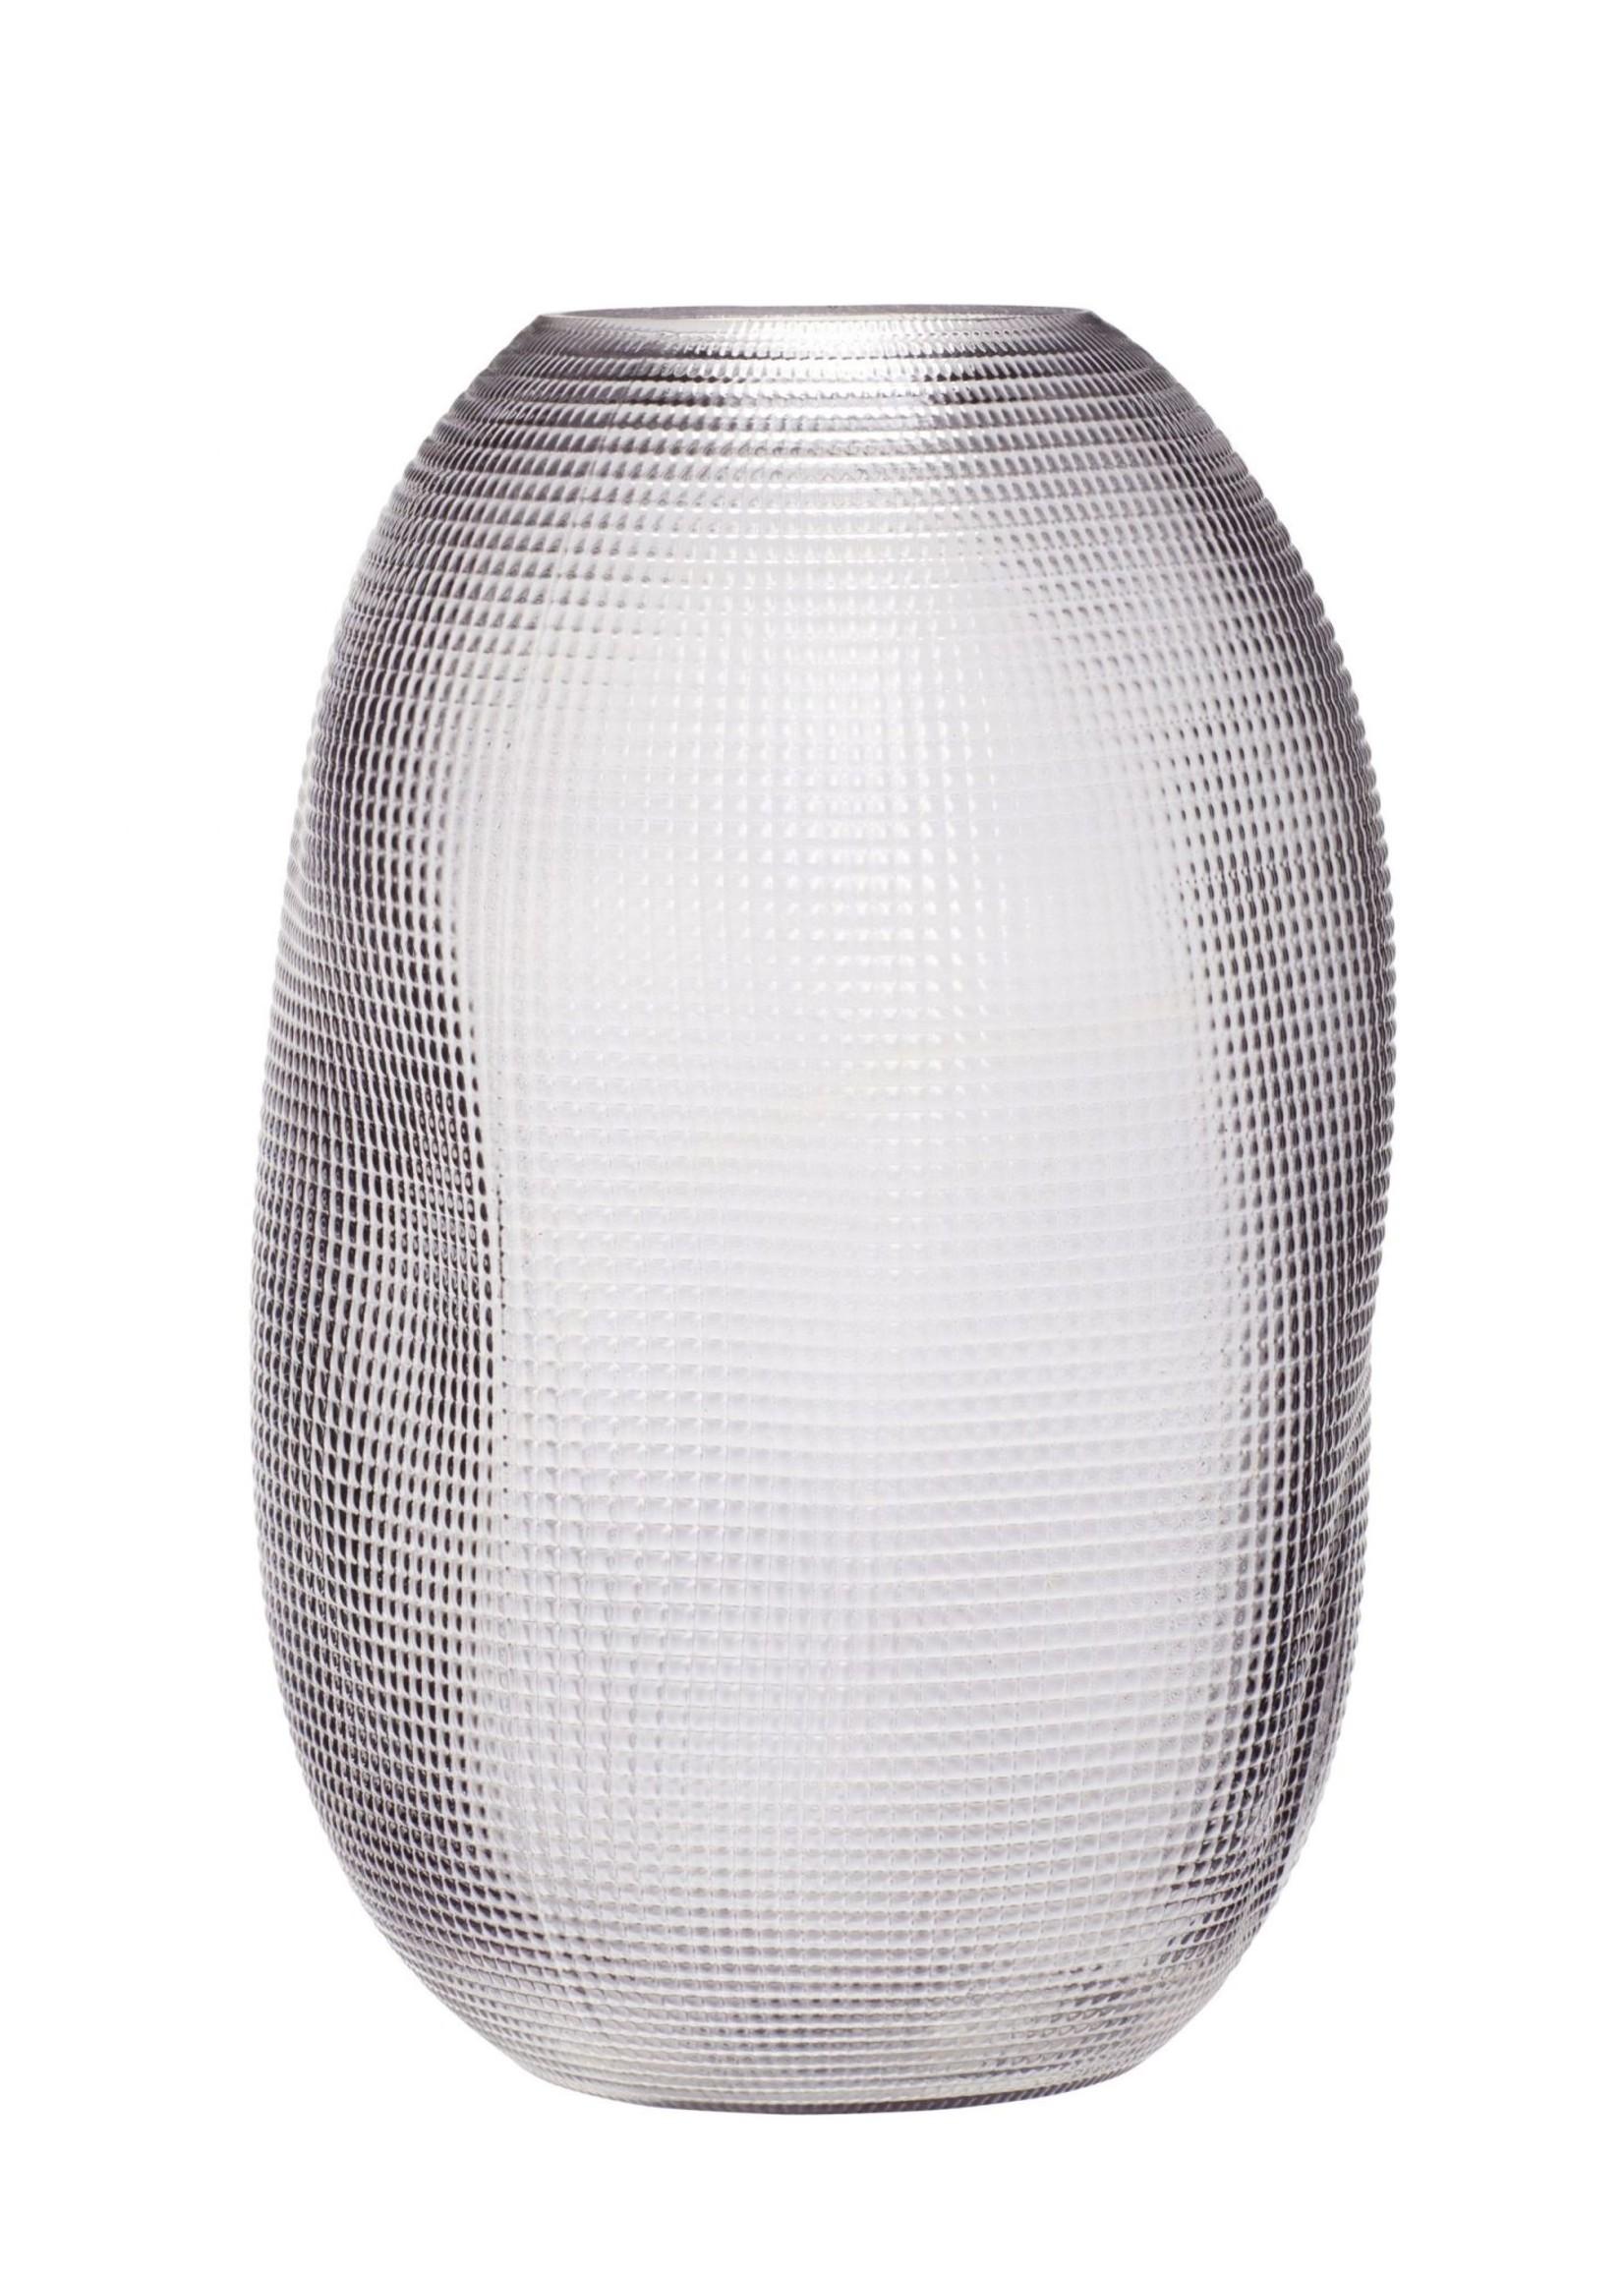 Hubsch Vase, glass, smoked